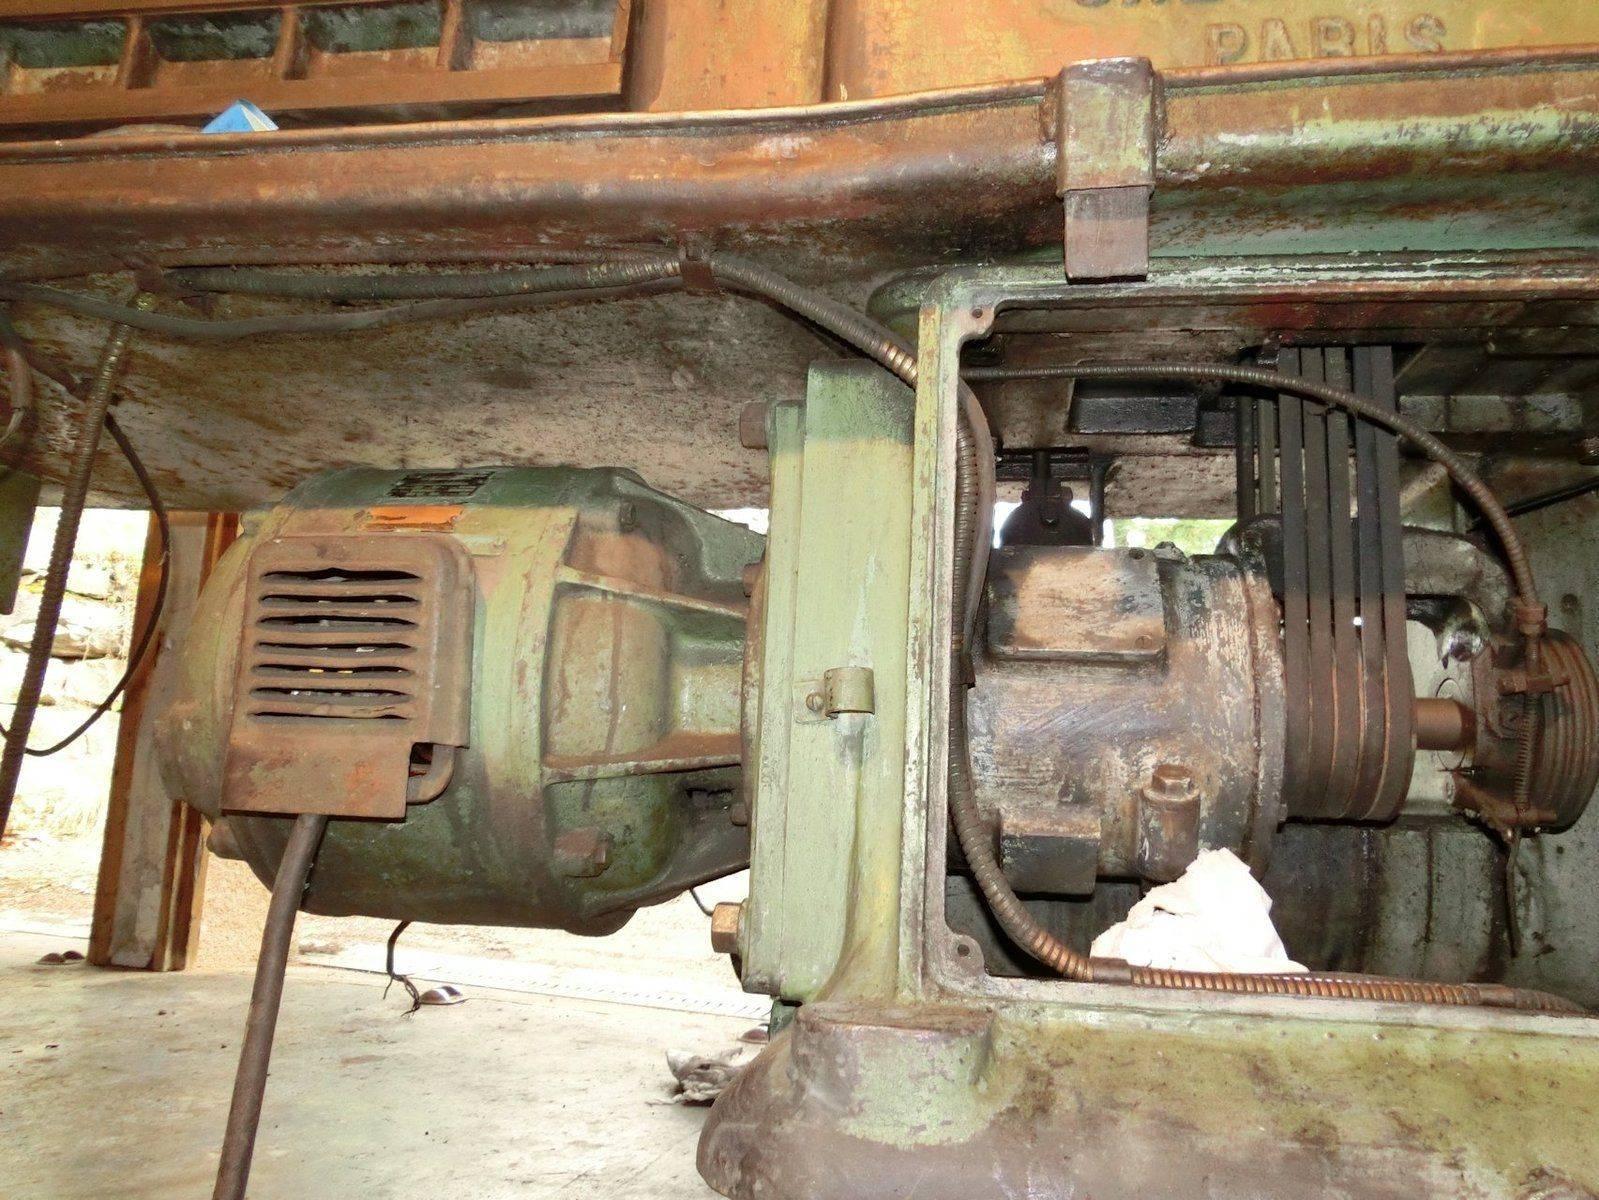 11 moteur.JPG